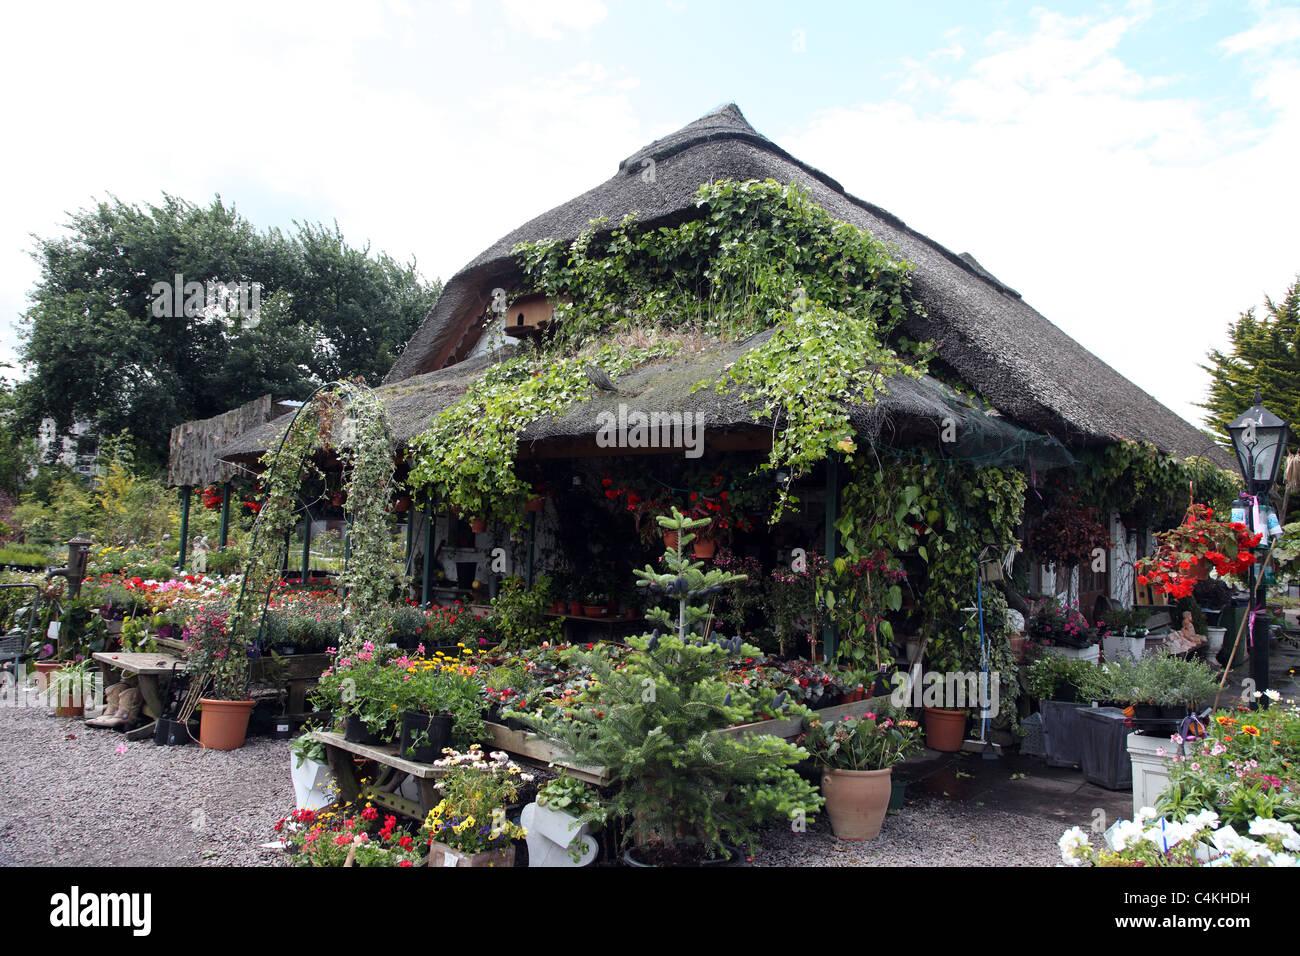 Garden Centre: Bandon Garden Centre, West Cork, Ireland Stock Photo